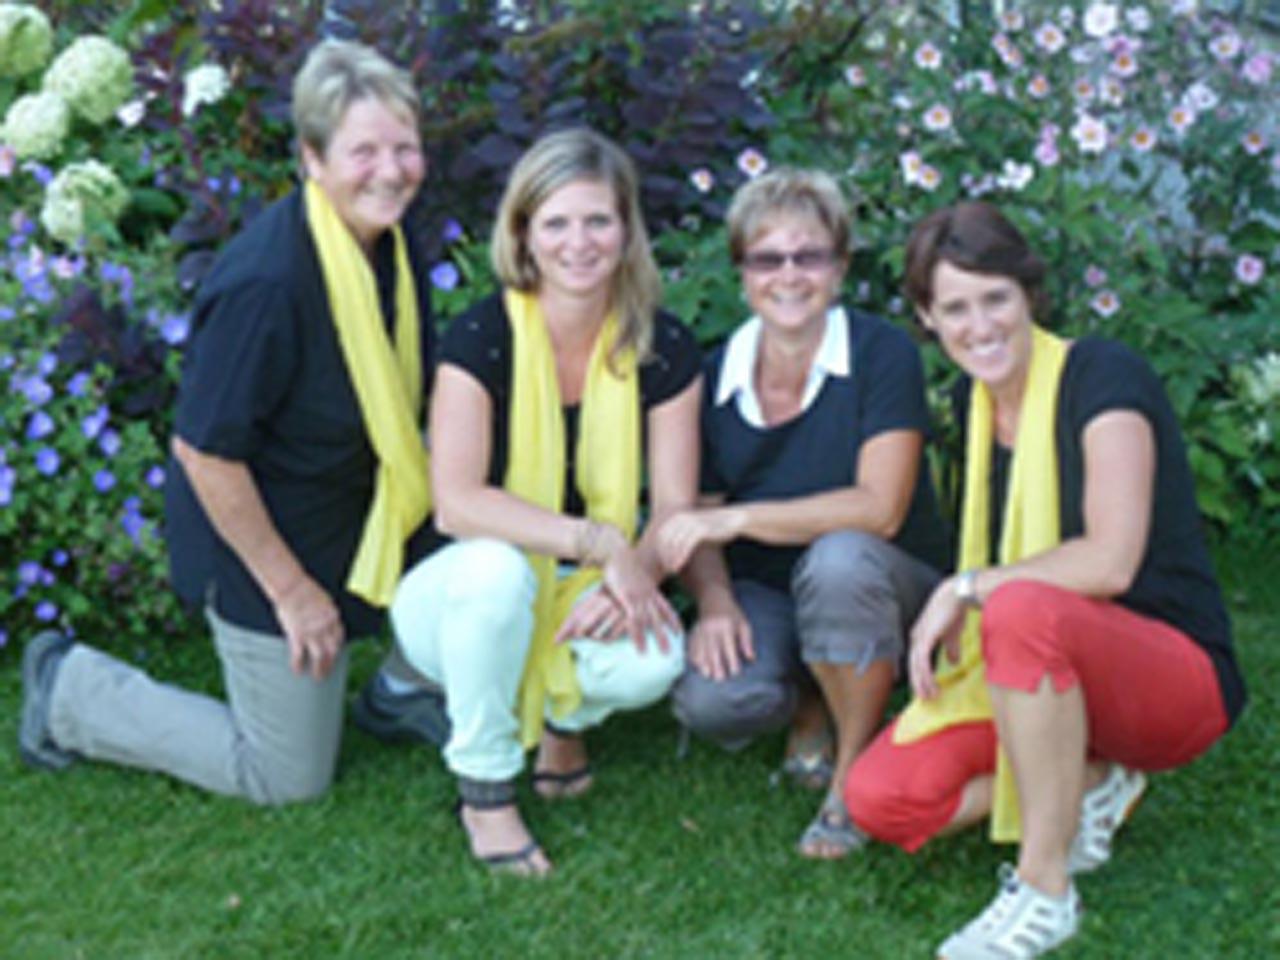 2012 – Gründung der Marktgruppe, von links: Margrith Huber, Karin Köpfli, Agi Arnold, Astrid Fischer.